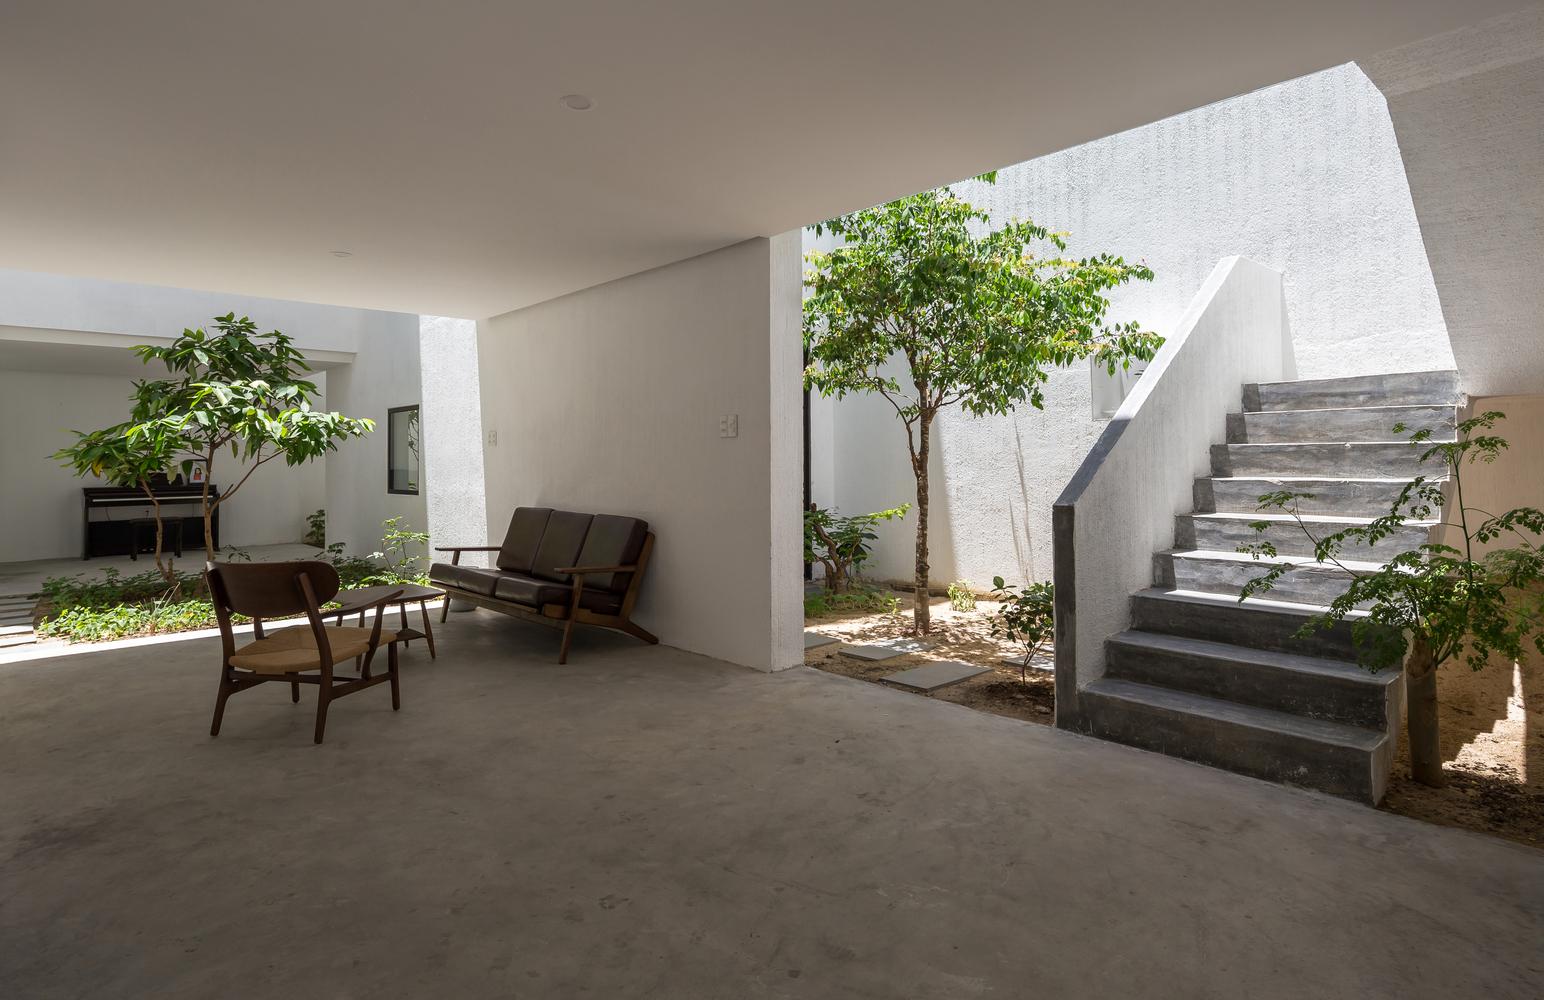 Thiết kế mở kết hợp với sân vườn tạo nên không gian sống gần gũi với thiên nhiên.